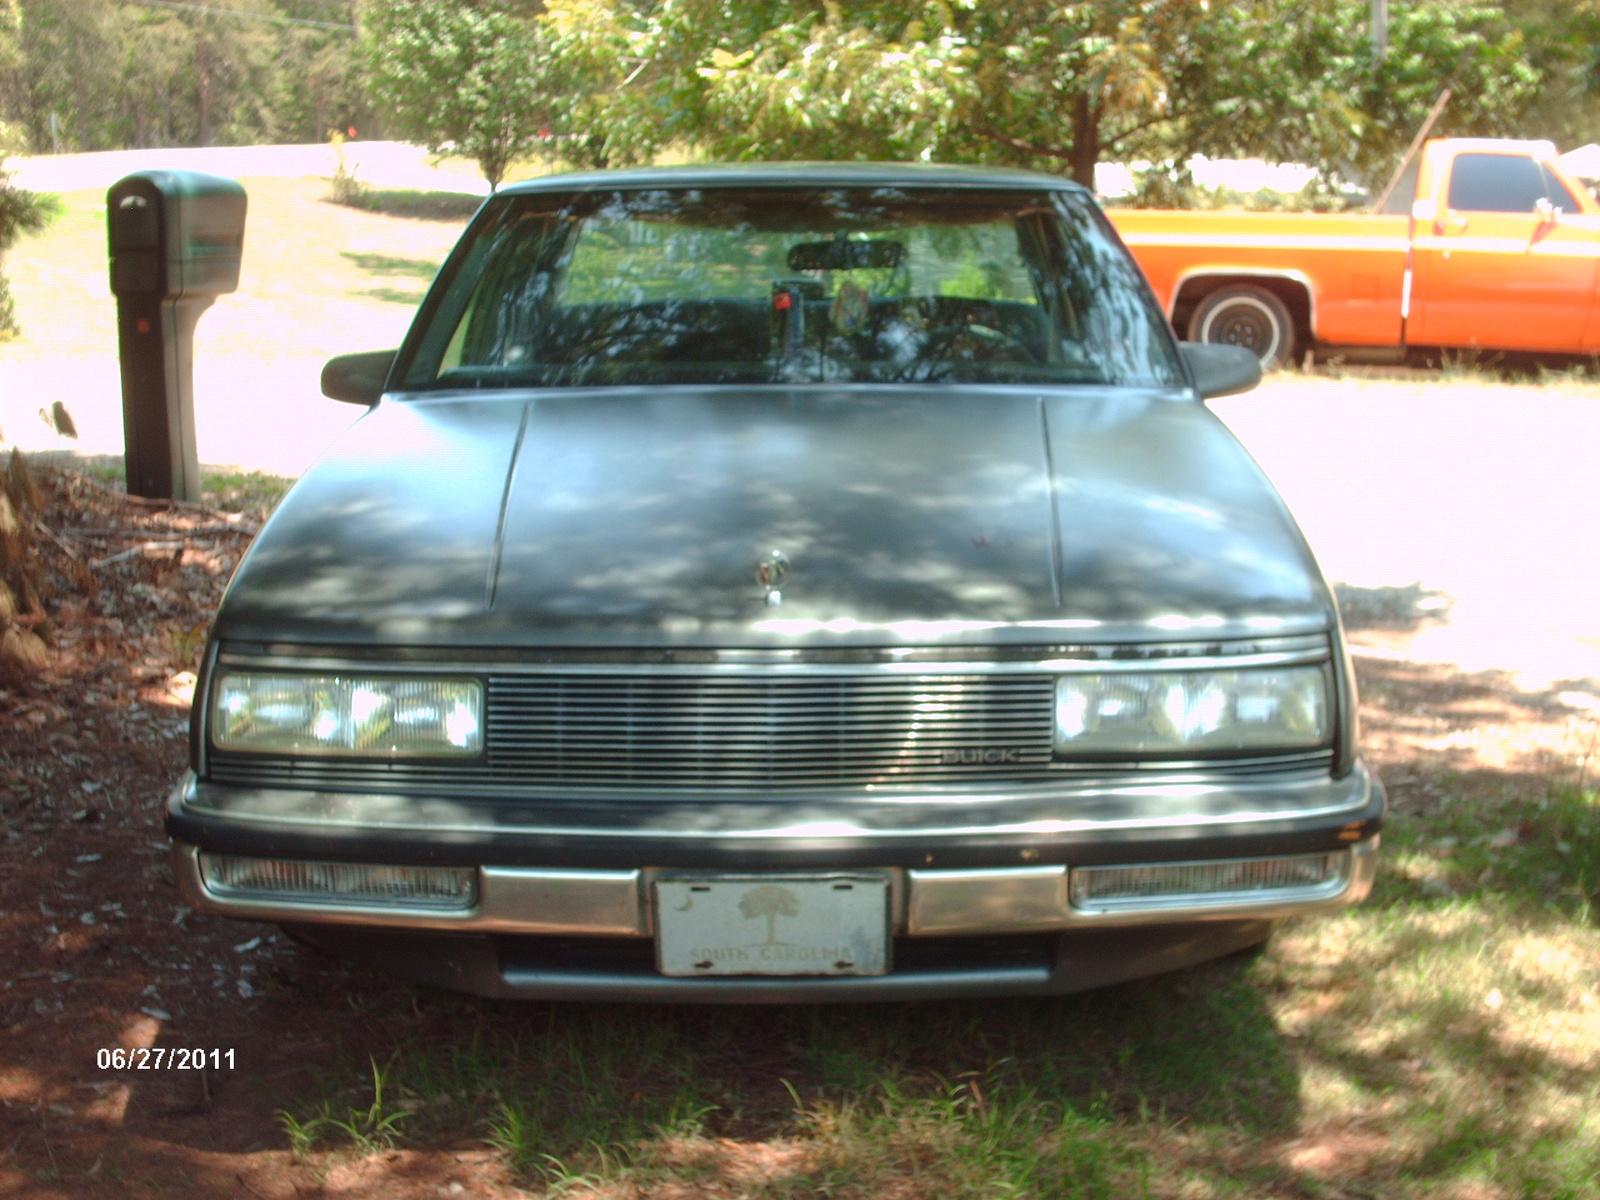 1987 Buick LeSabre picture